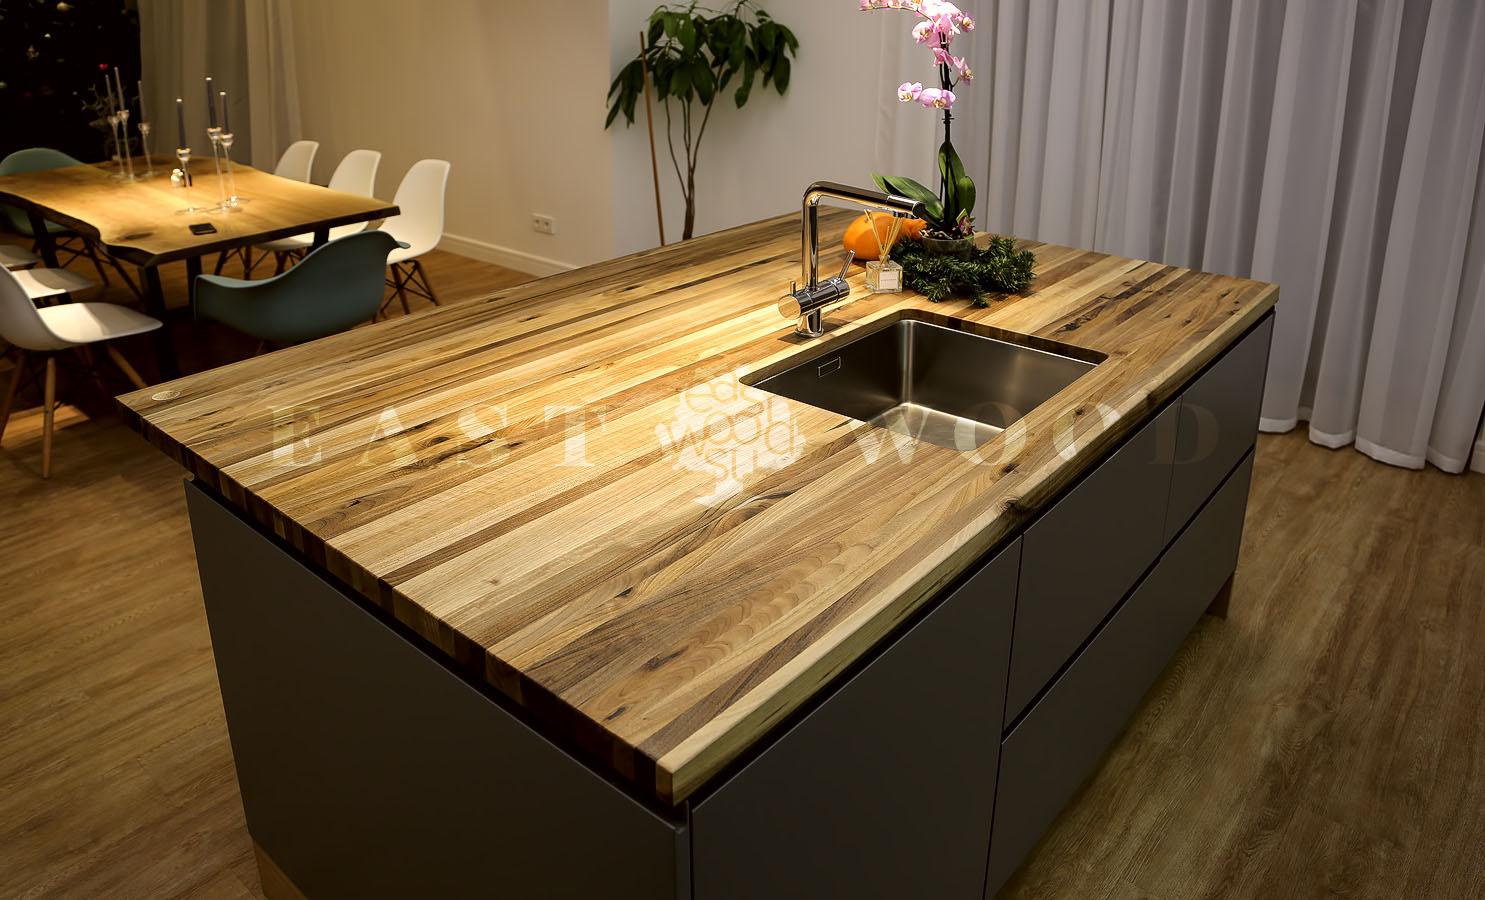 Кухня массив дуб столешница столешница лосось глянец